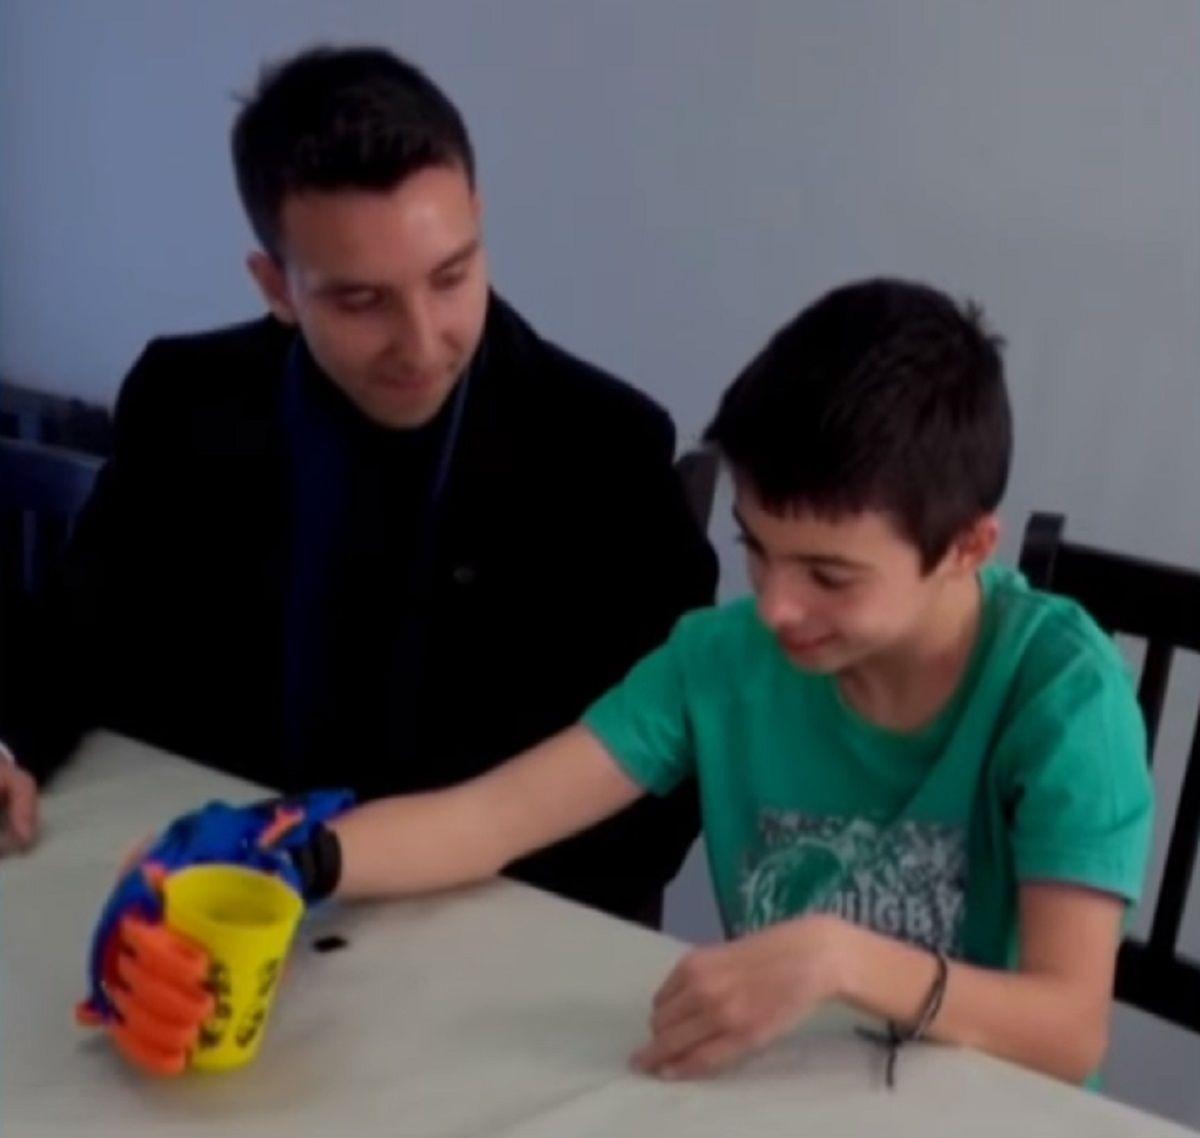 Un ejemplo: reclusas del penal de Ezeiza hicieron una prótesis 3D para un nene que le falta una mano